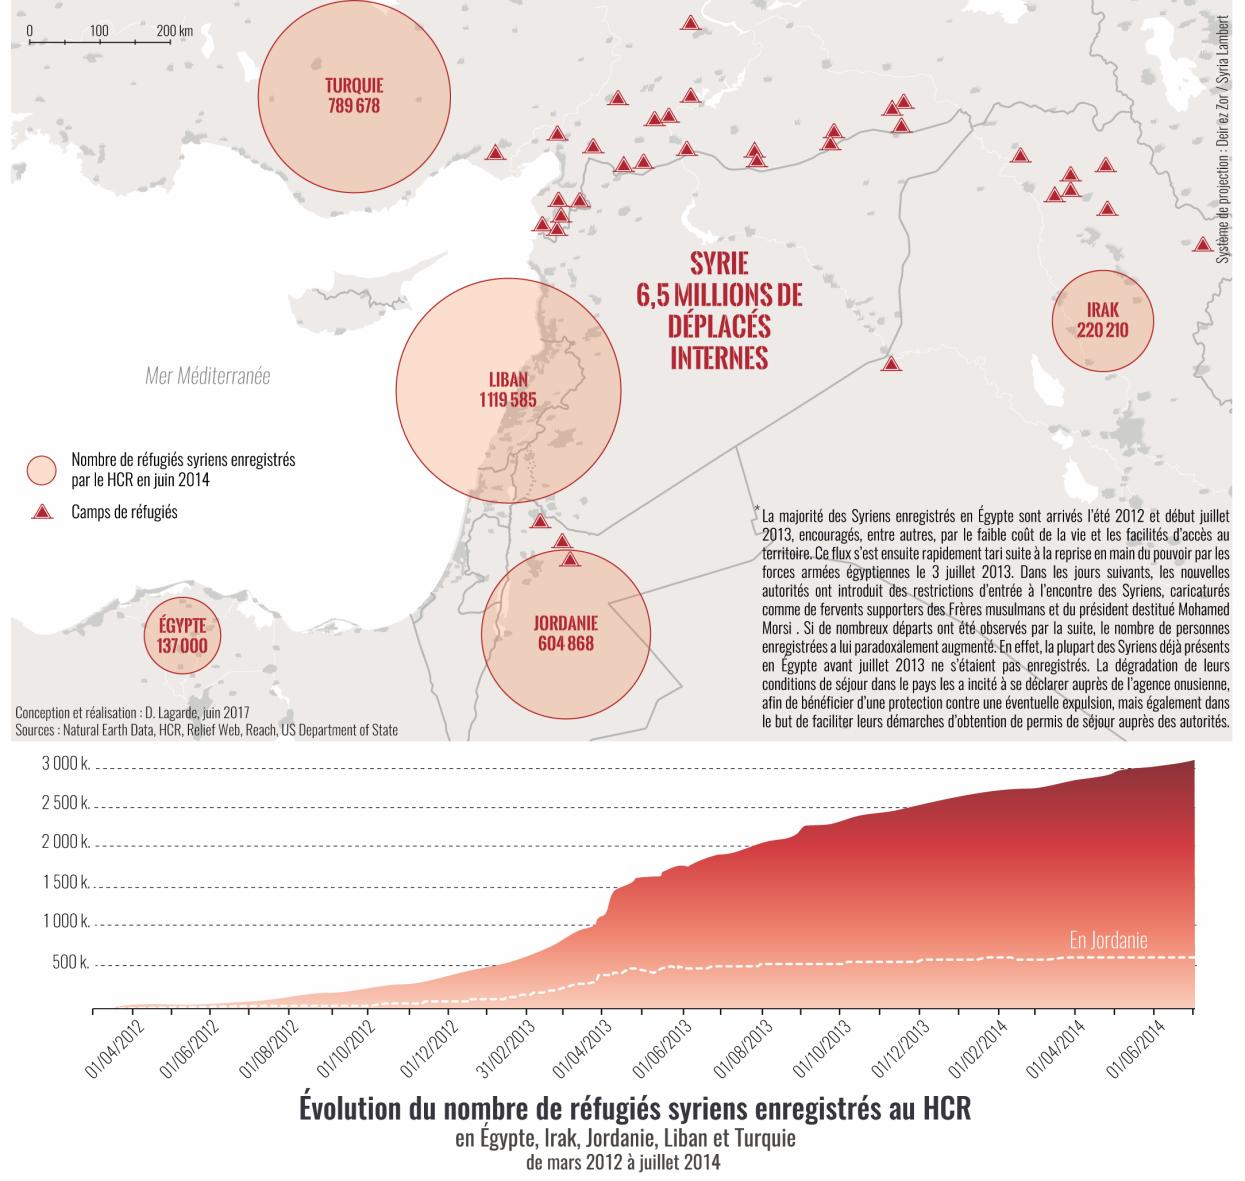 David Lagarde — Nombre de réfugiés syriens au Moyen-Orient, carte